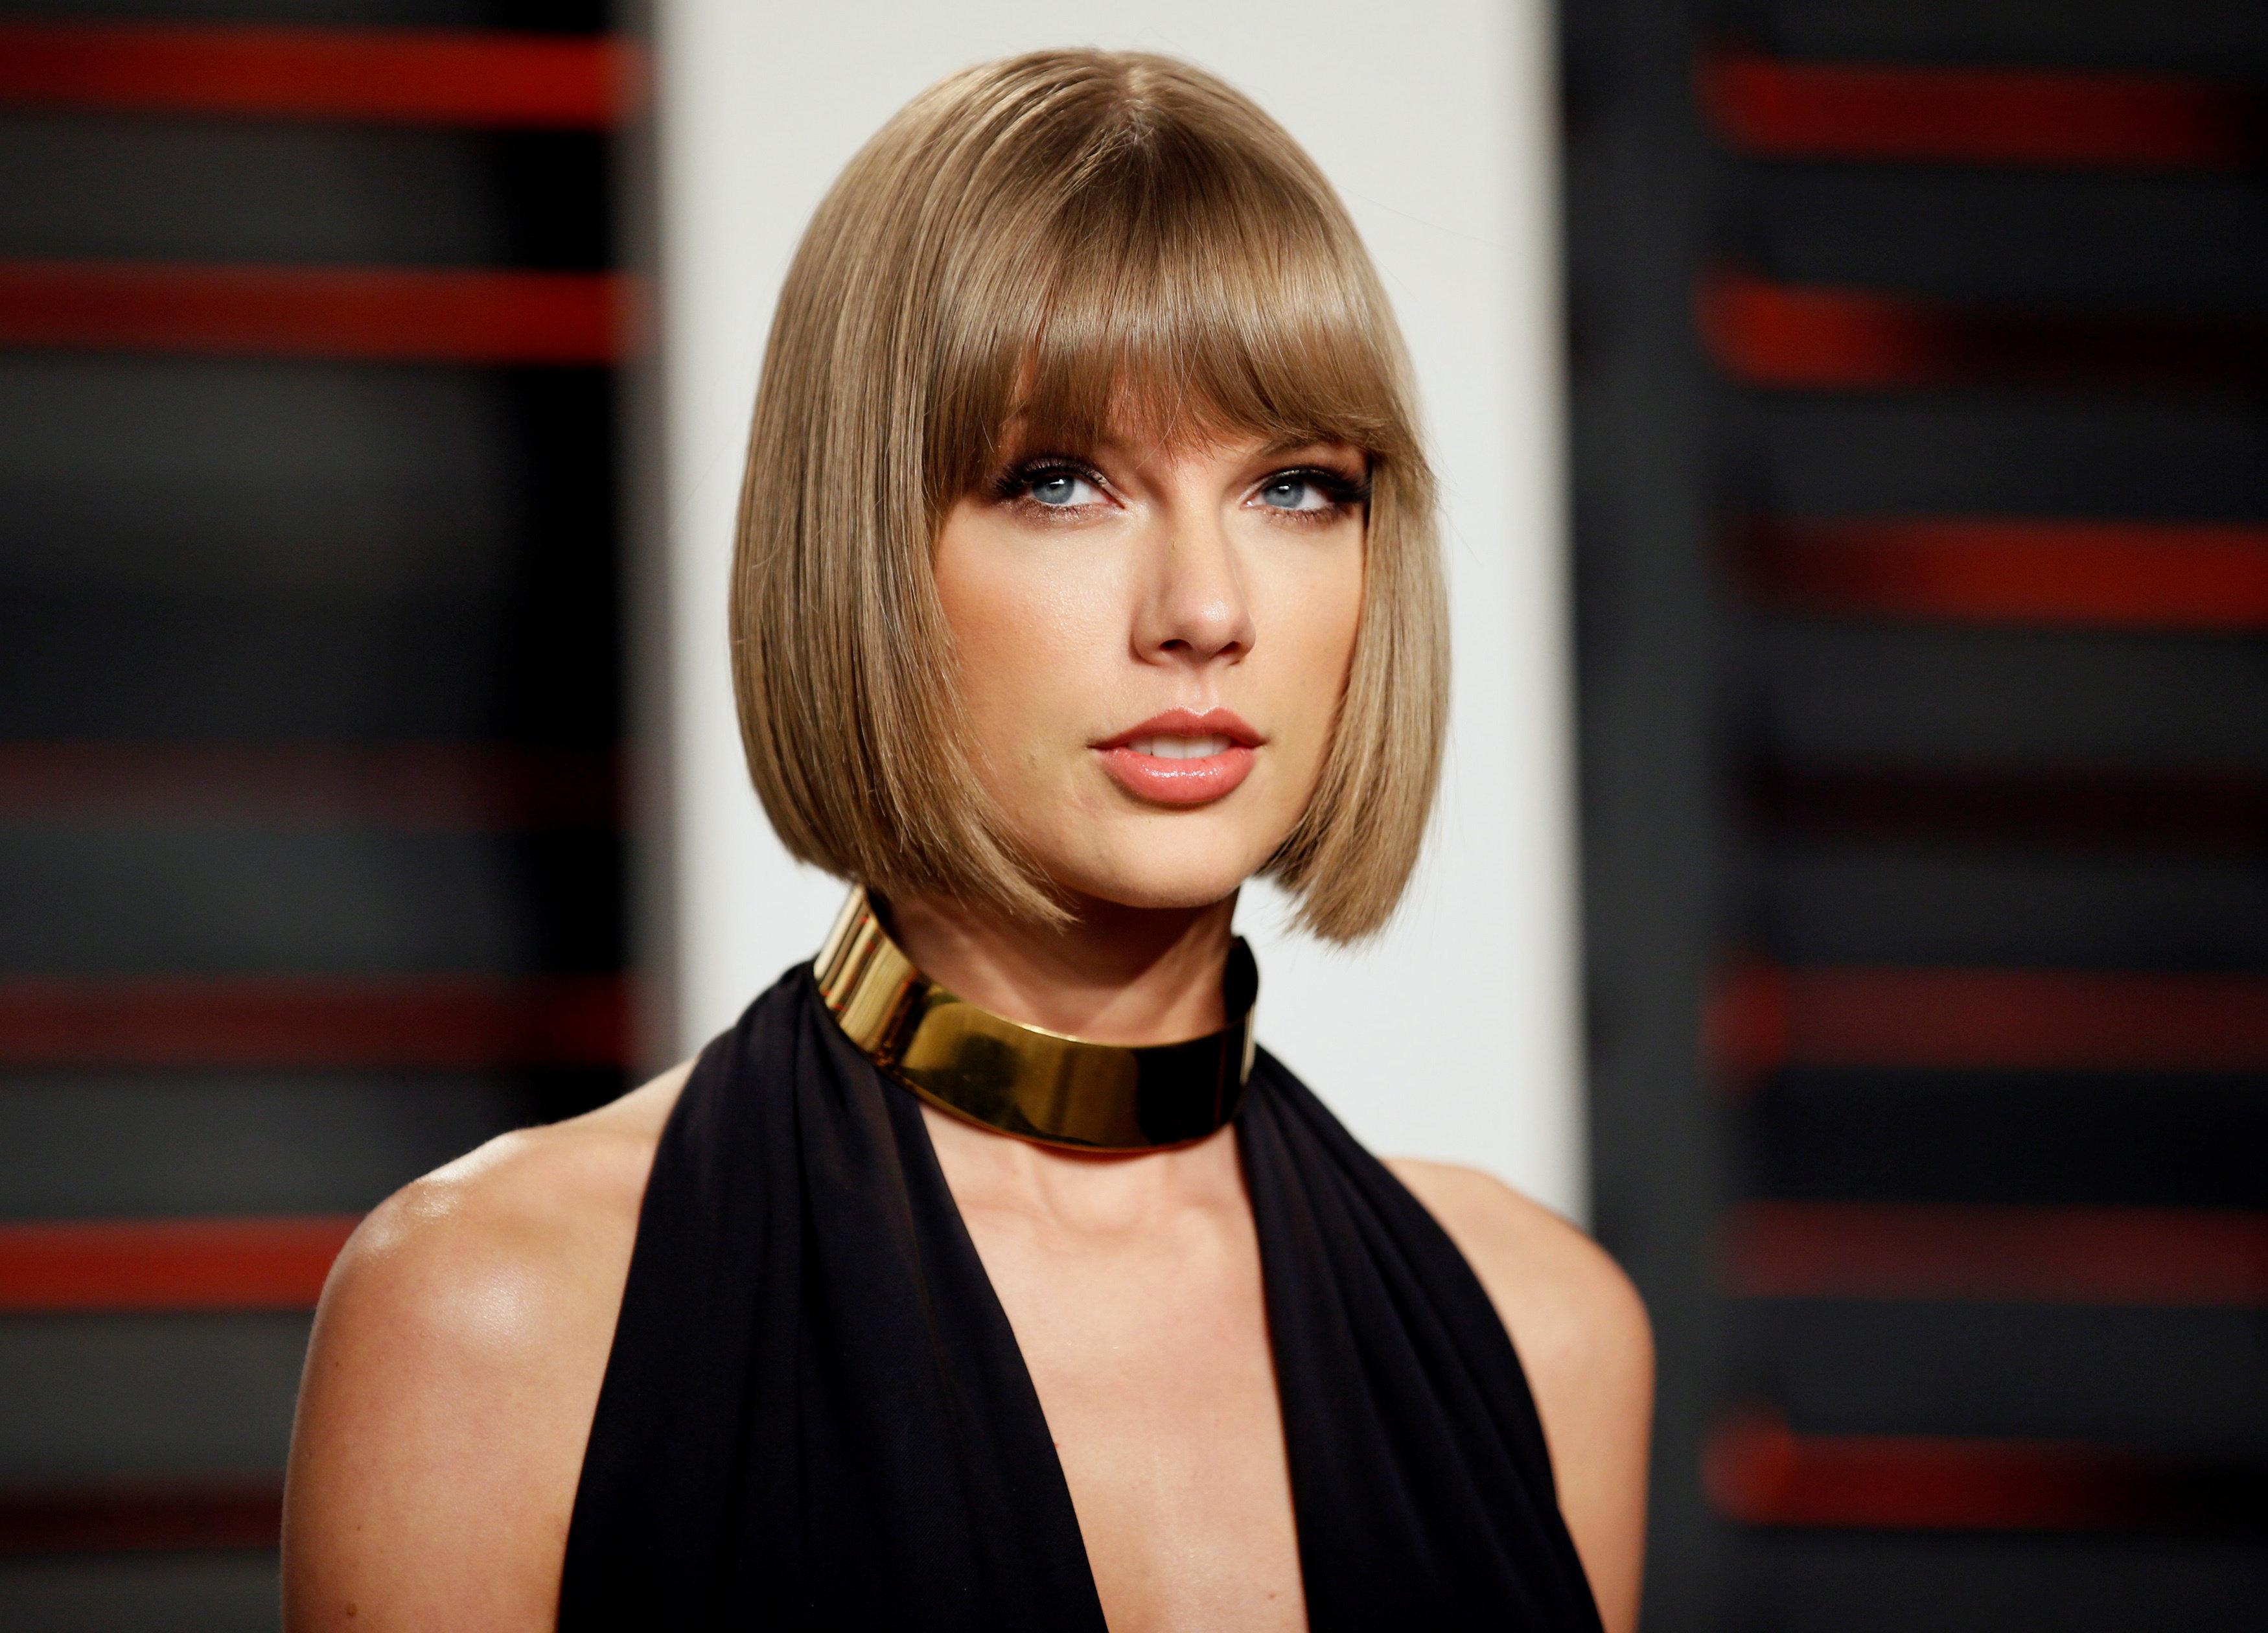 O que fez Taylor Swift querer apoiar organizações que lutam pelos direitos das